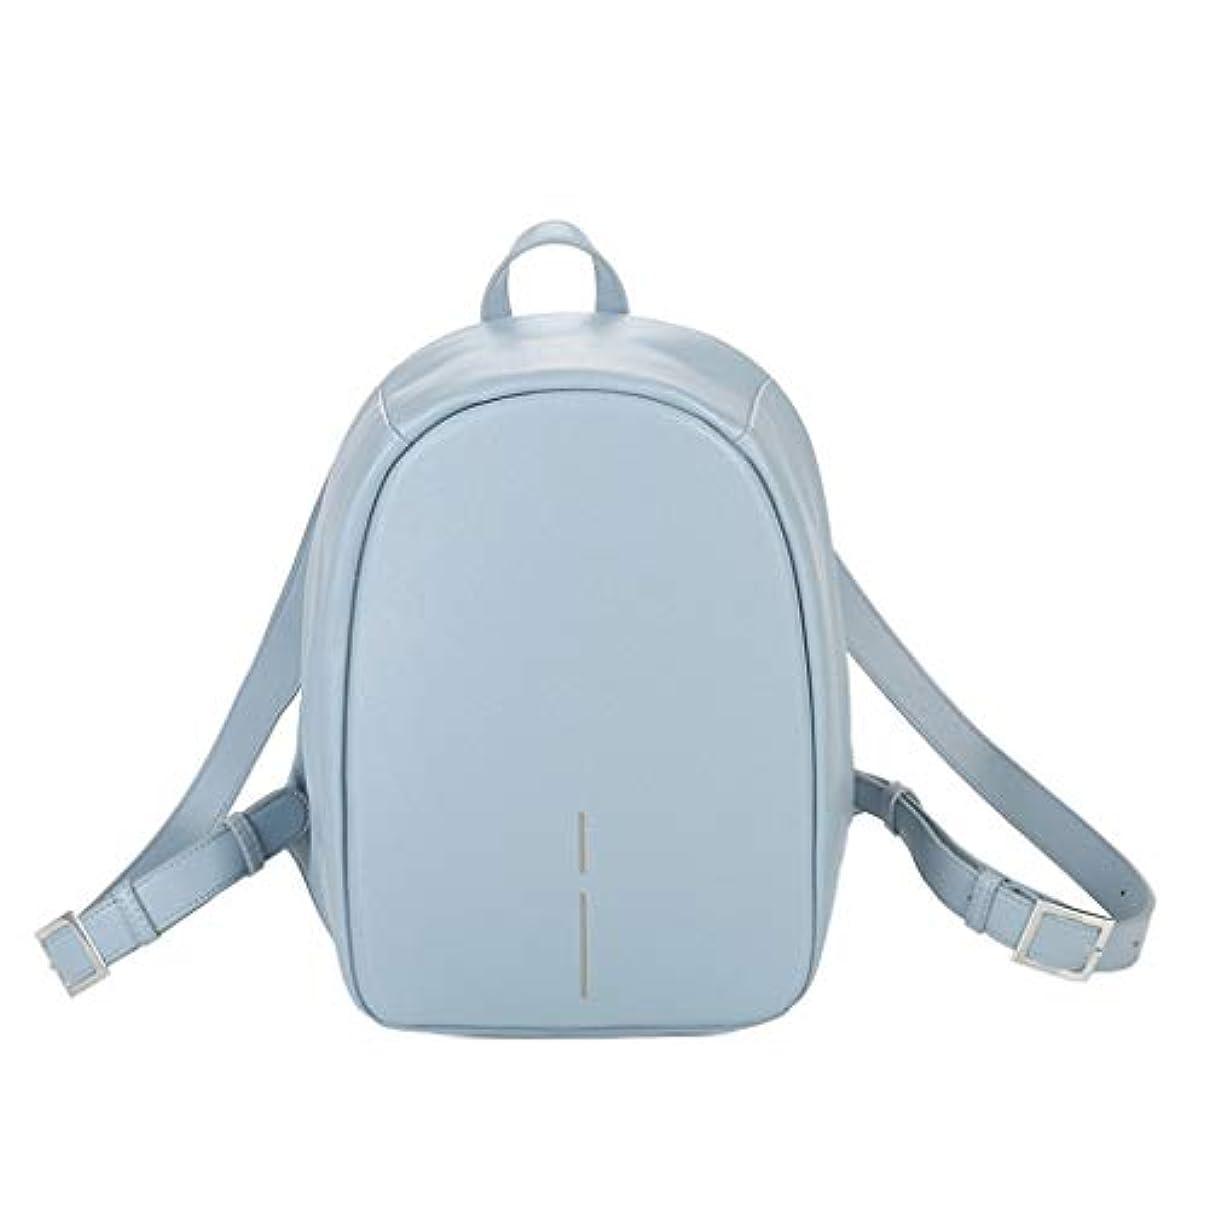 増幅器レール偽物女性のためのコンピュータバックパックシンプルなレザーバックパック気質多機能旅行小さなバックパック多機能ブックバッグ用十代の若者たち女の子ジュニアミドルカレッジバッグ